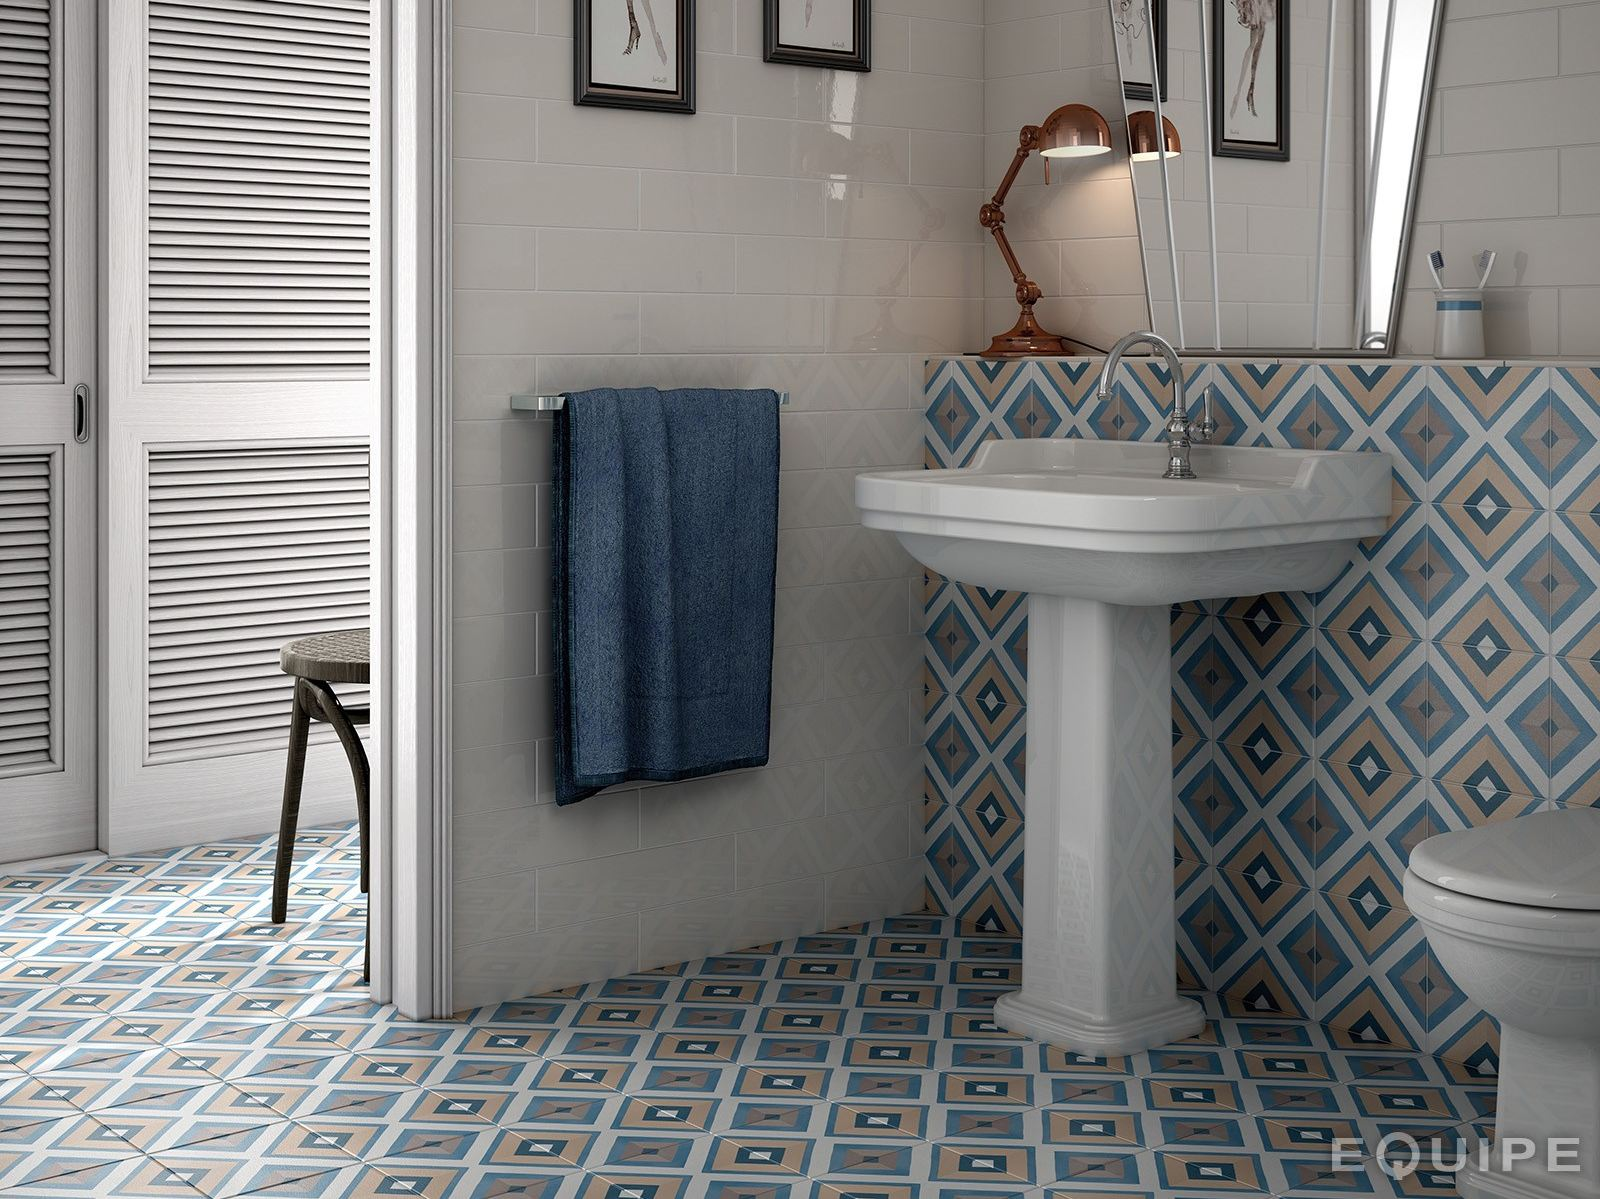 Pavimento rivestimento in ceramica caprice deco by equipe - Equipe ceramicas ...